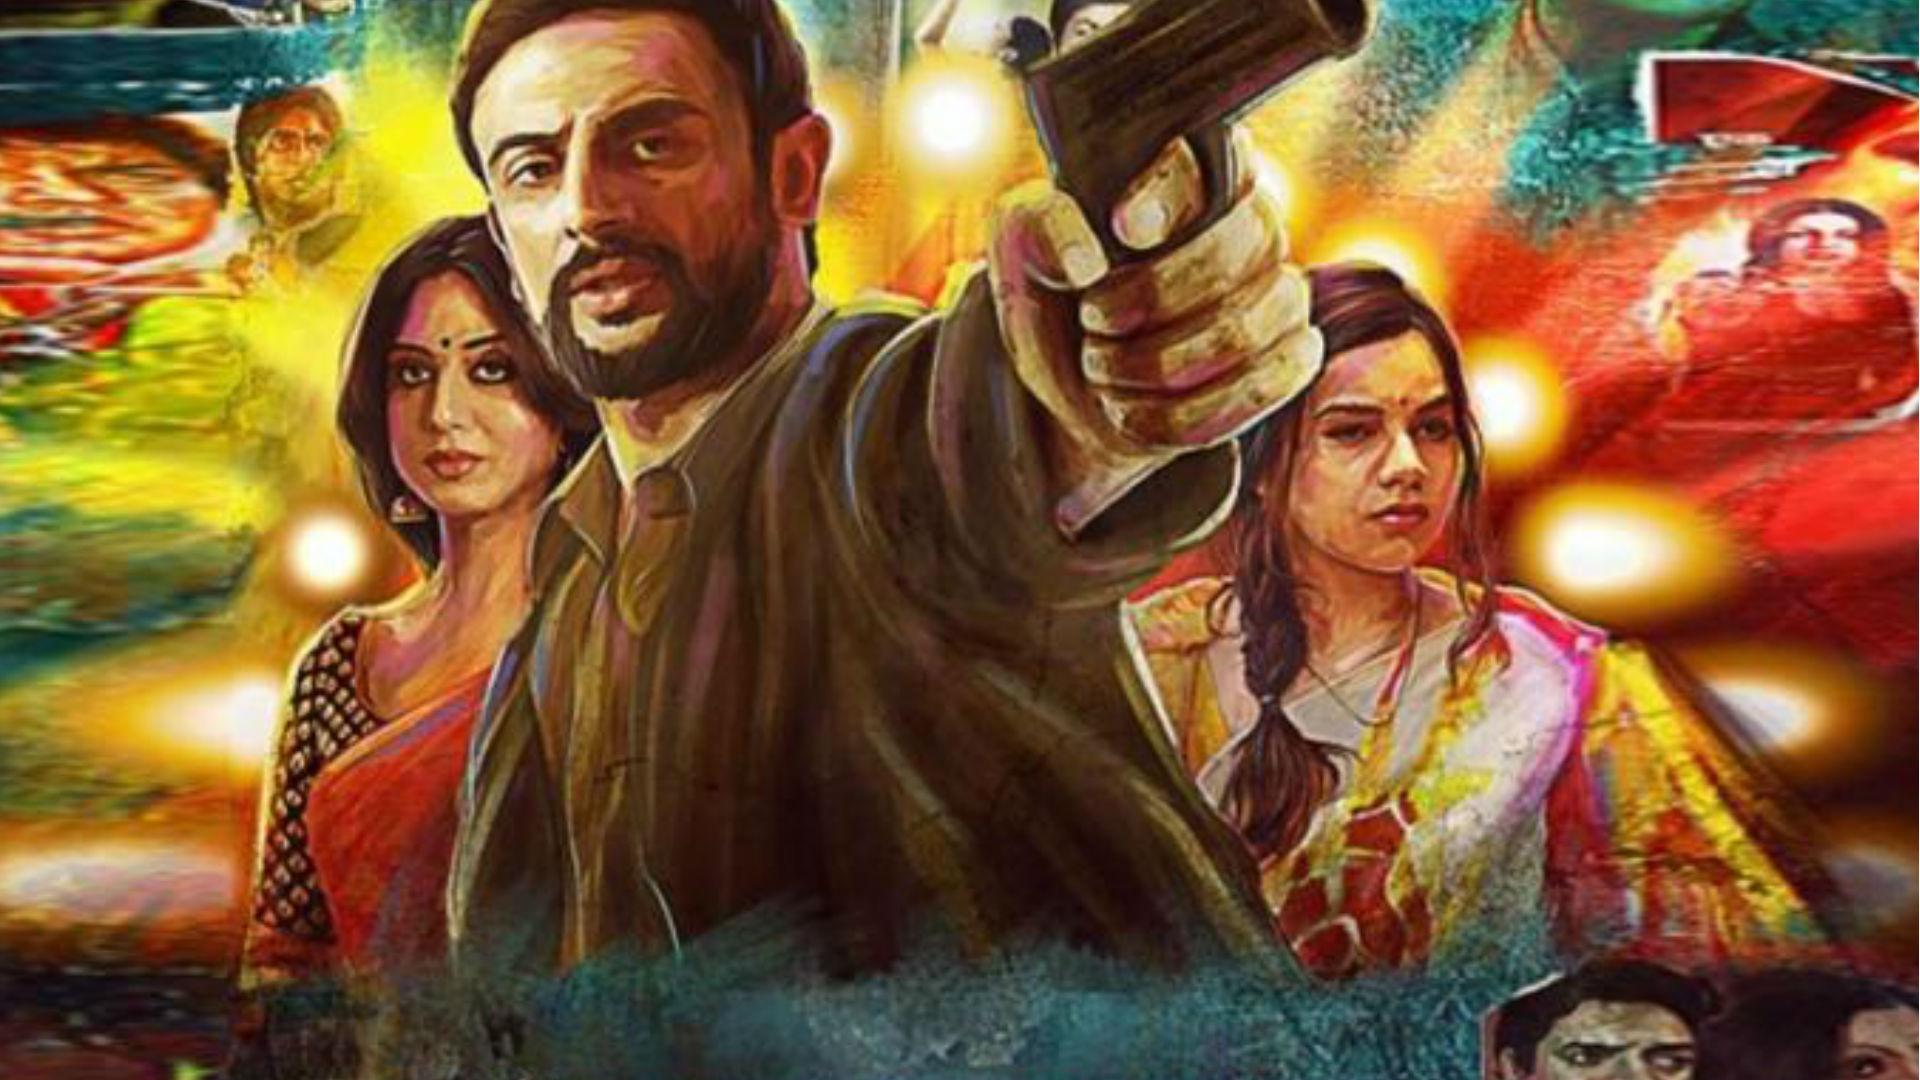 ऑल्ट बालाजी ने की 'अपहरण 2' की तैयारी, दूसरे सीजन में नई कास्ट से बढ़ेगा सस्पेंस-थ्रिलर का मजा!